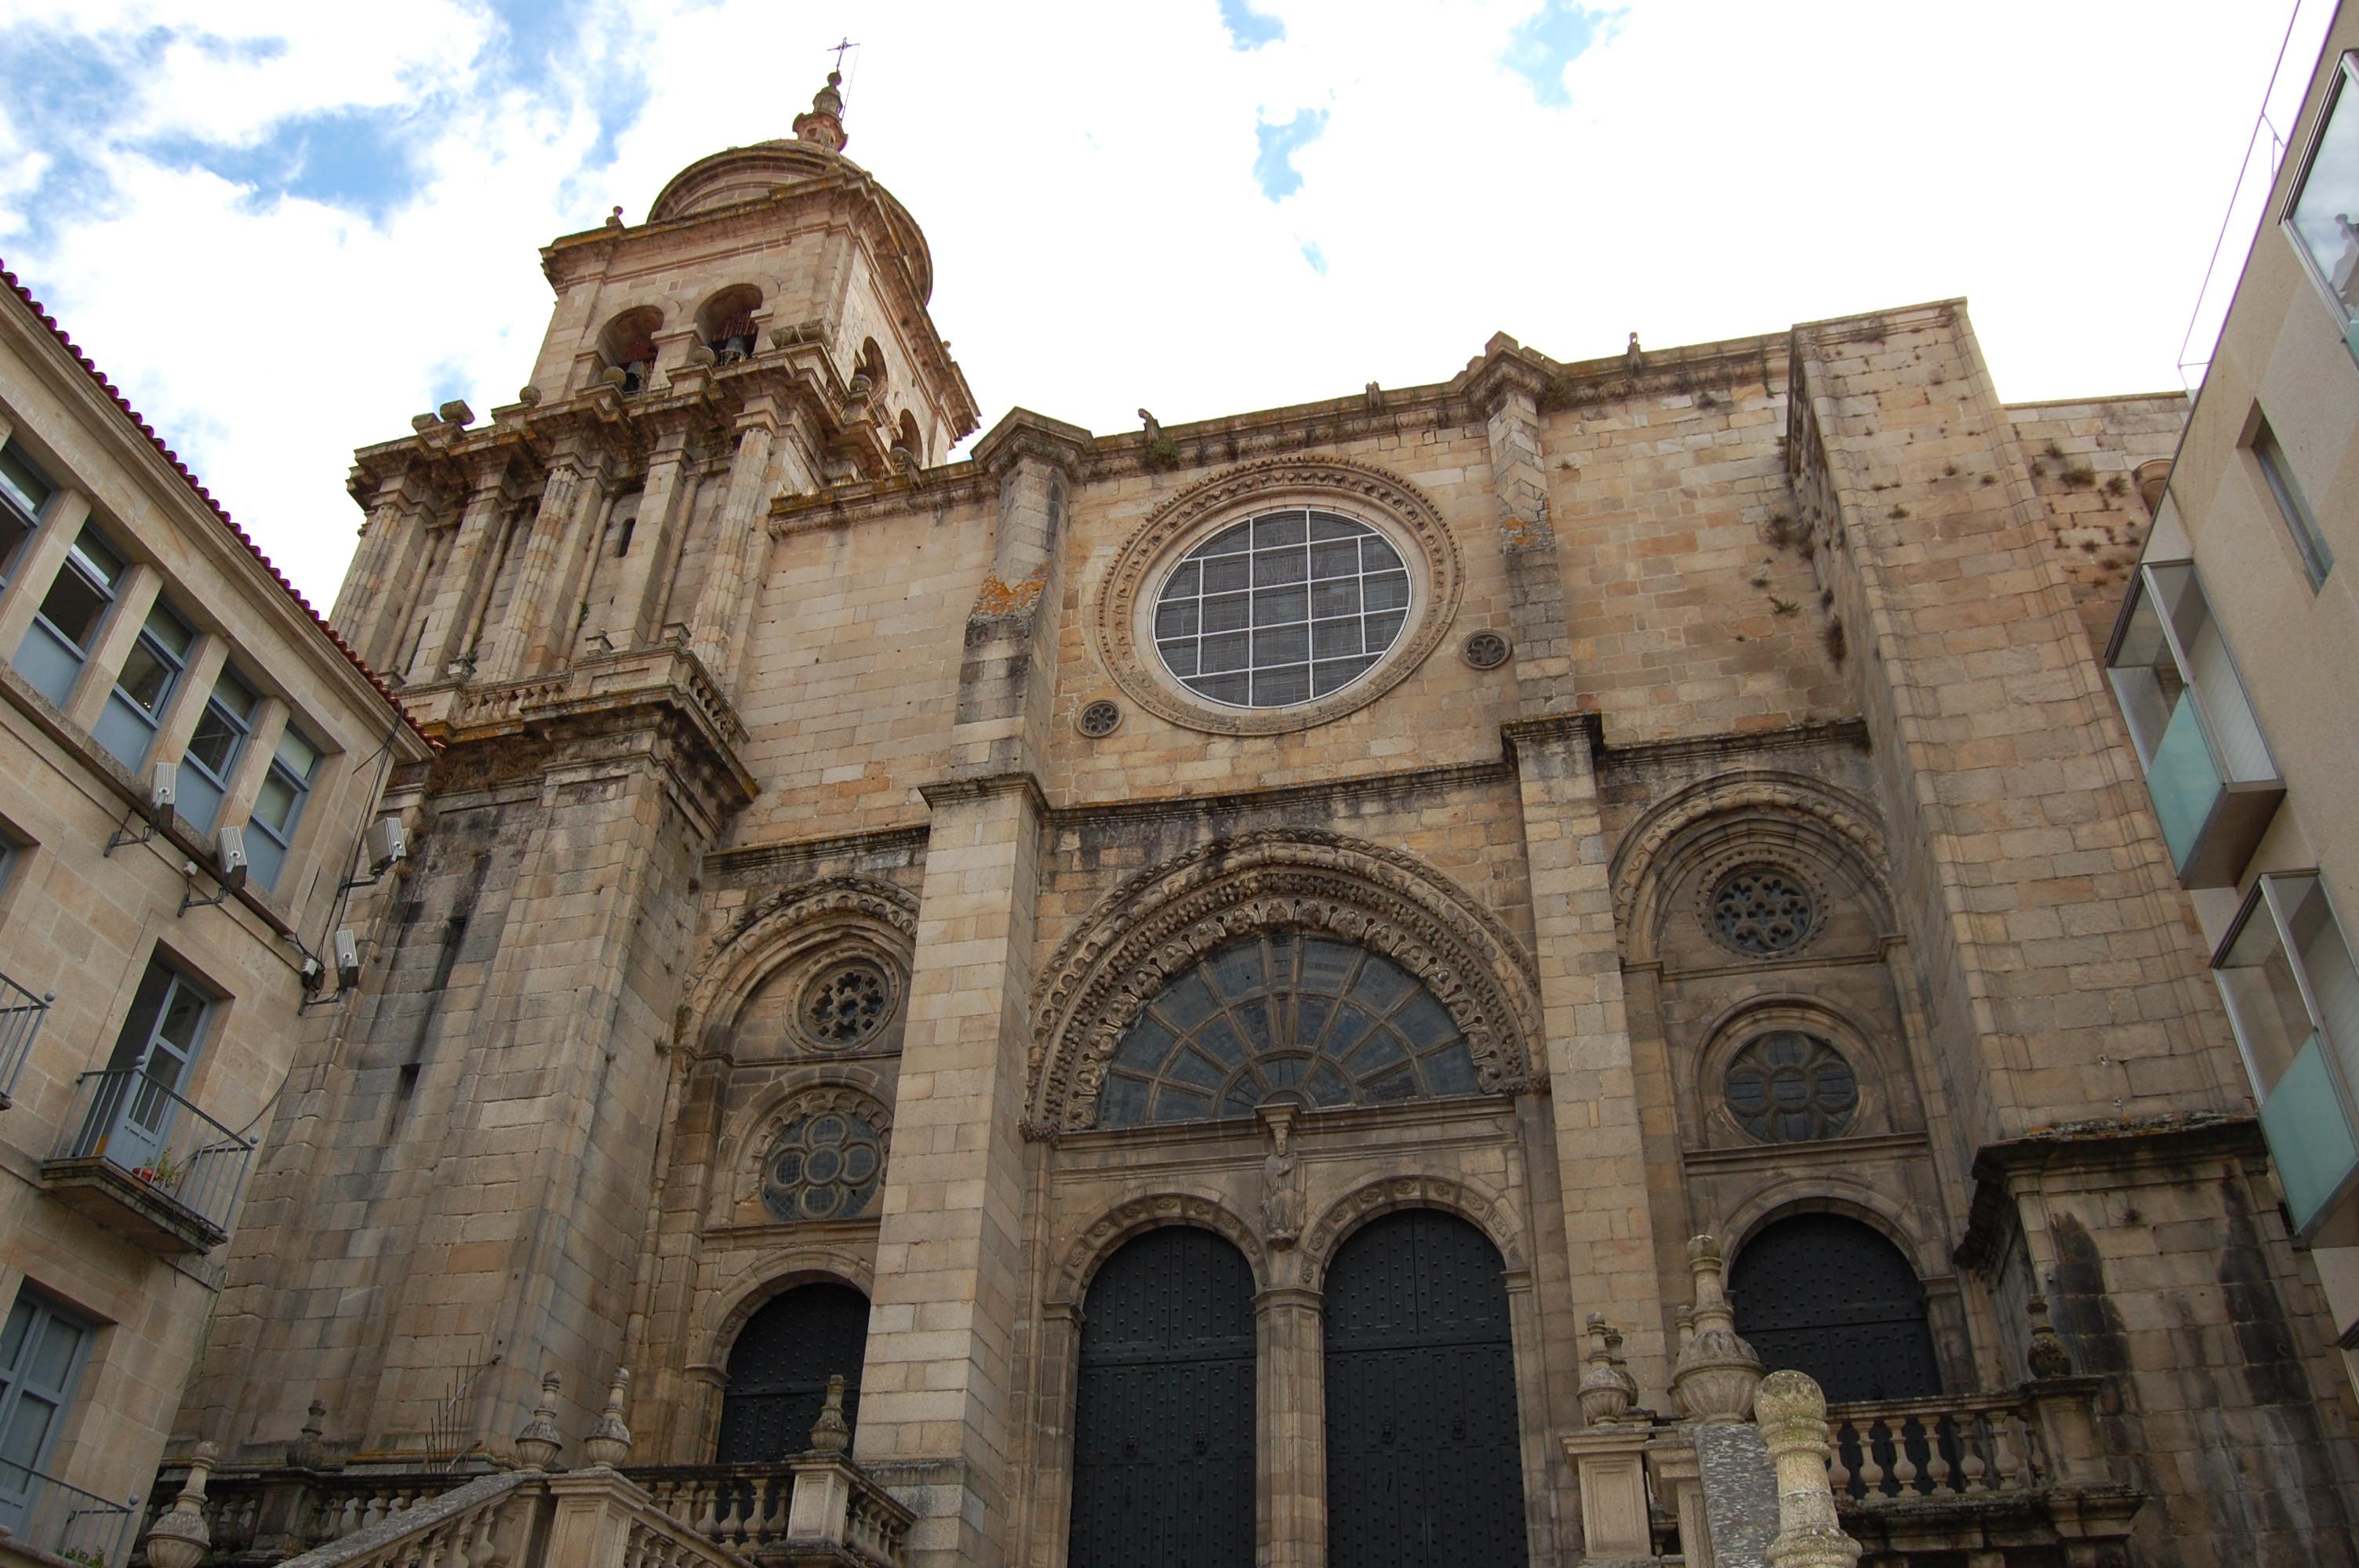 File:CATEDRAL ORENSE - panoramio.jpg - Wikimedia Commons